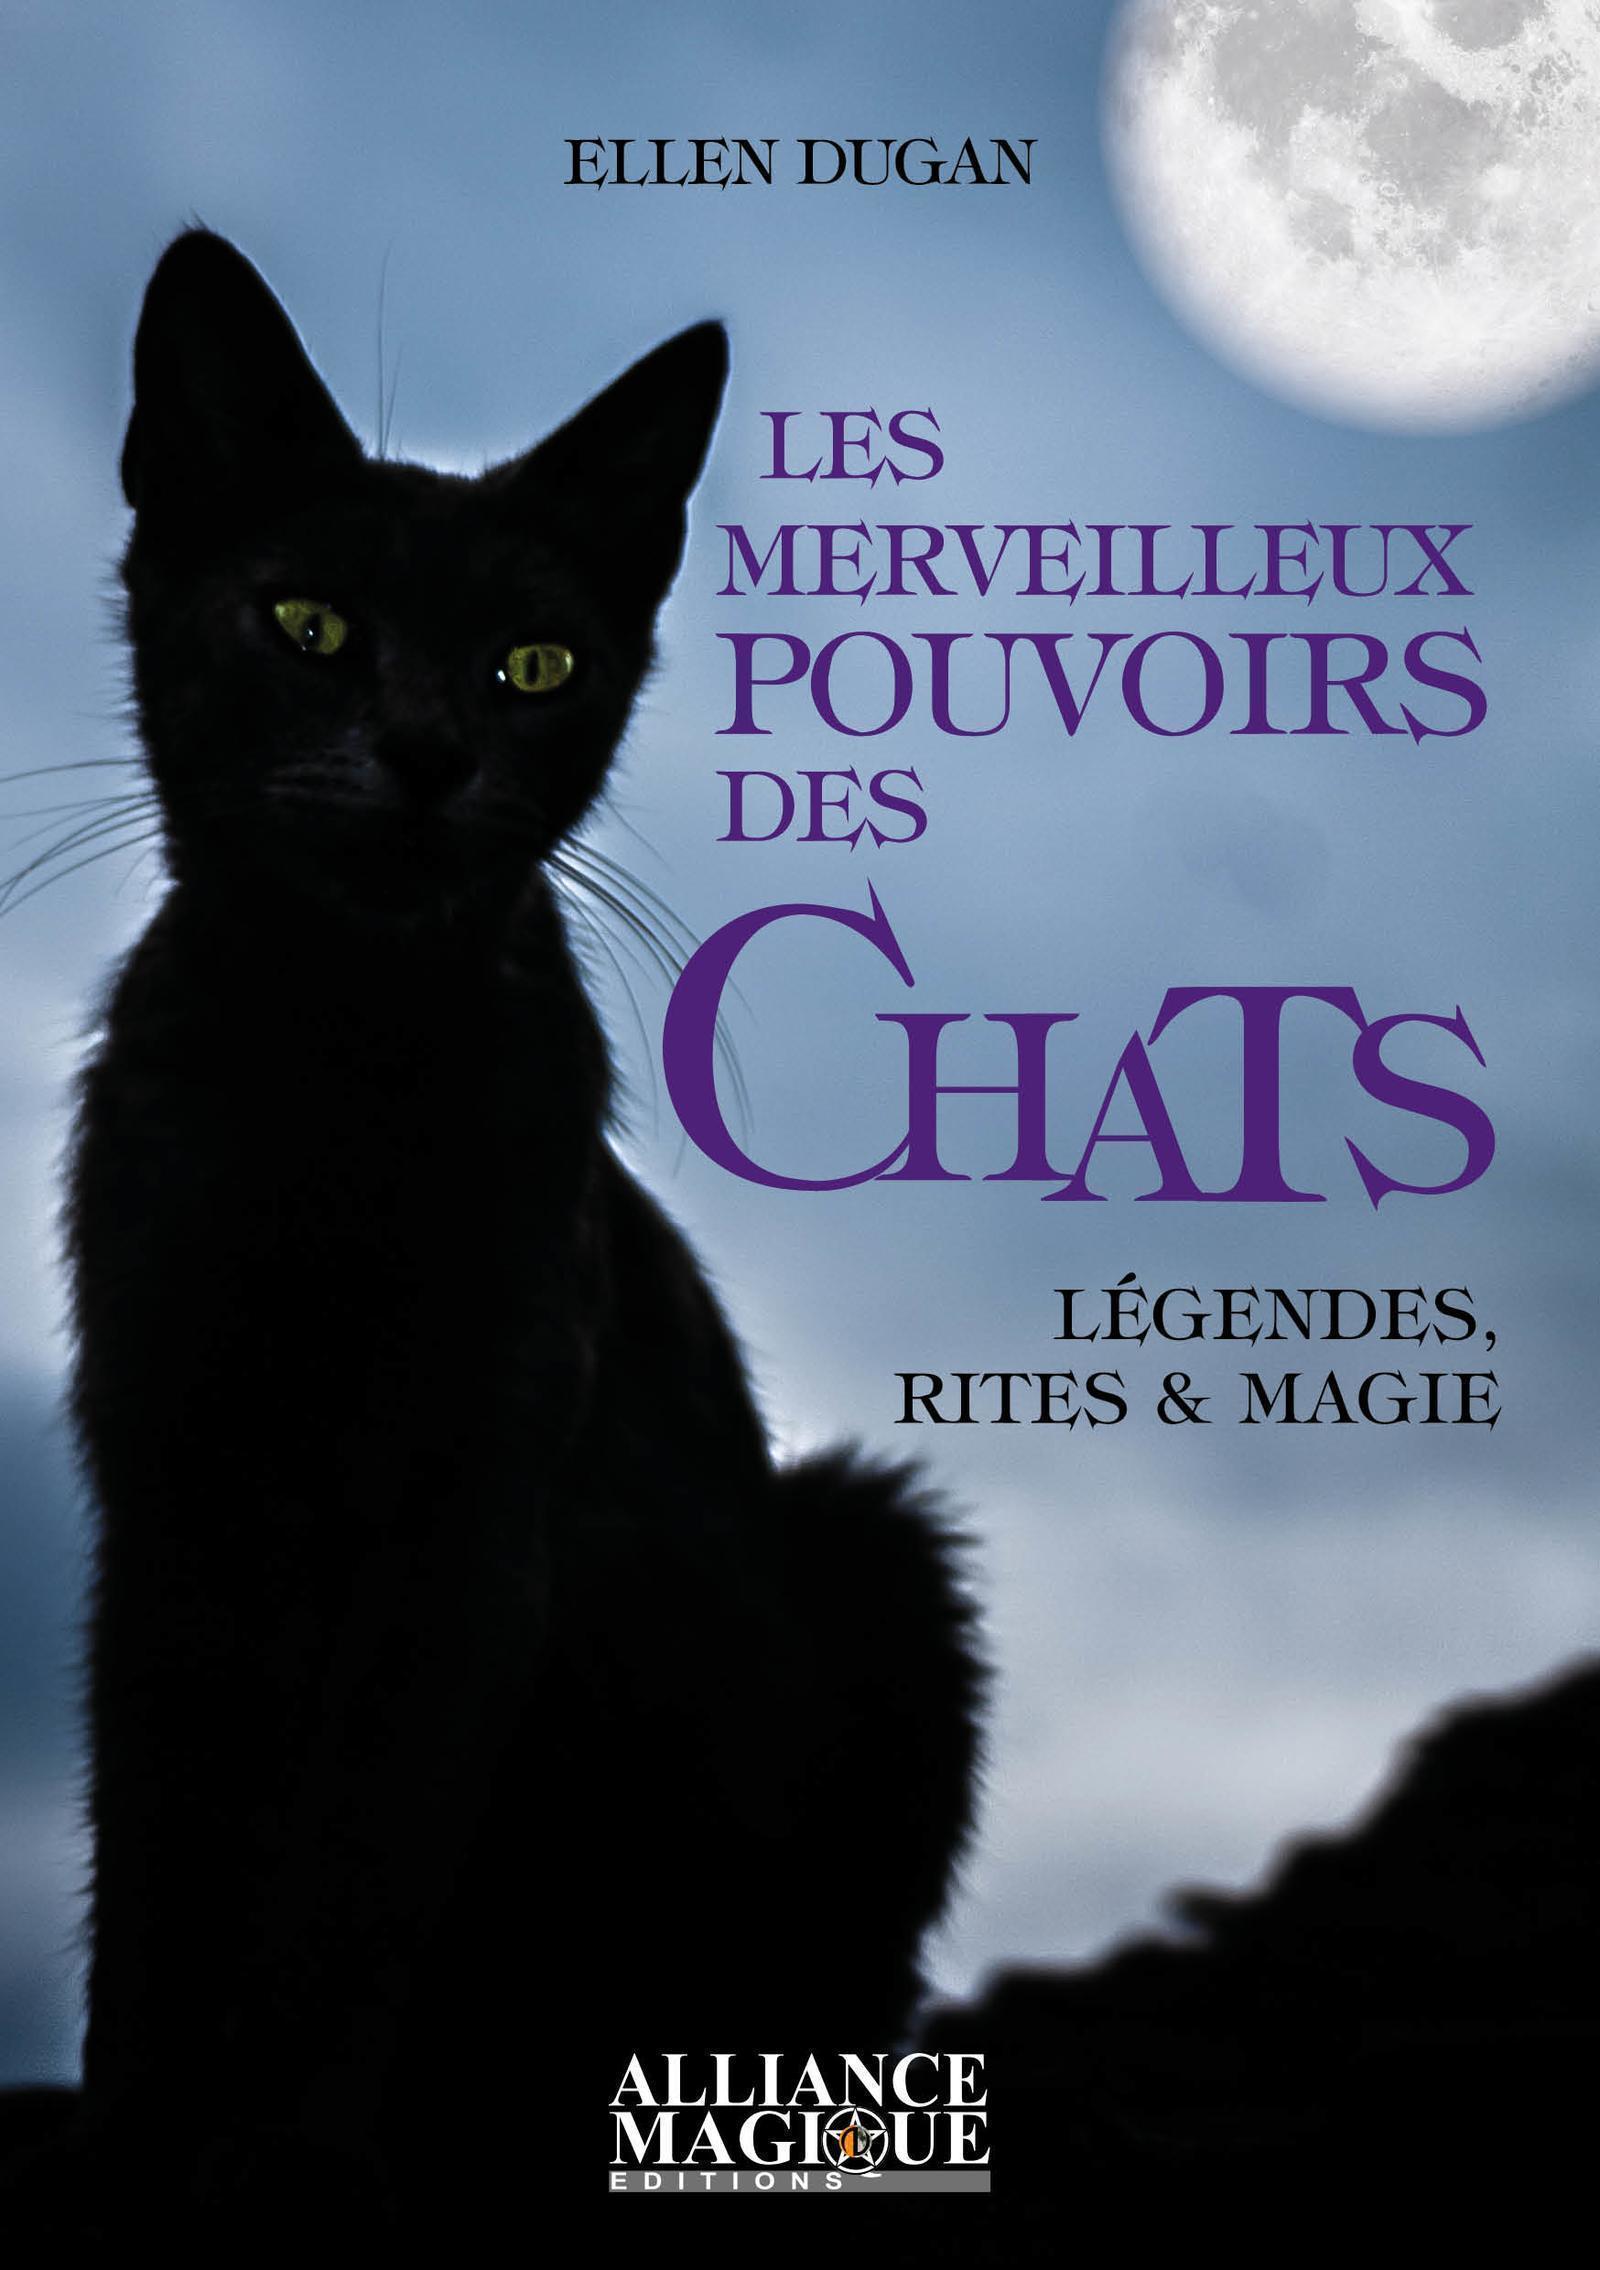 LES MERVEILLEUX POUVOIRS DES CHATS - LEGENDES  RITES ET MAGIE